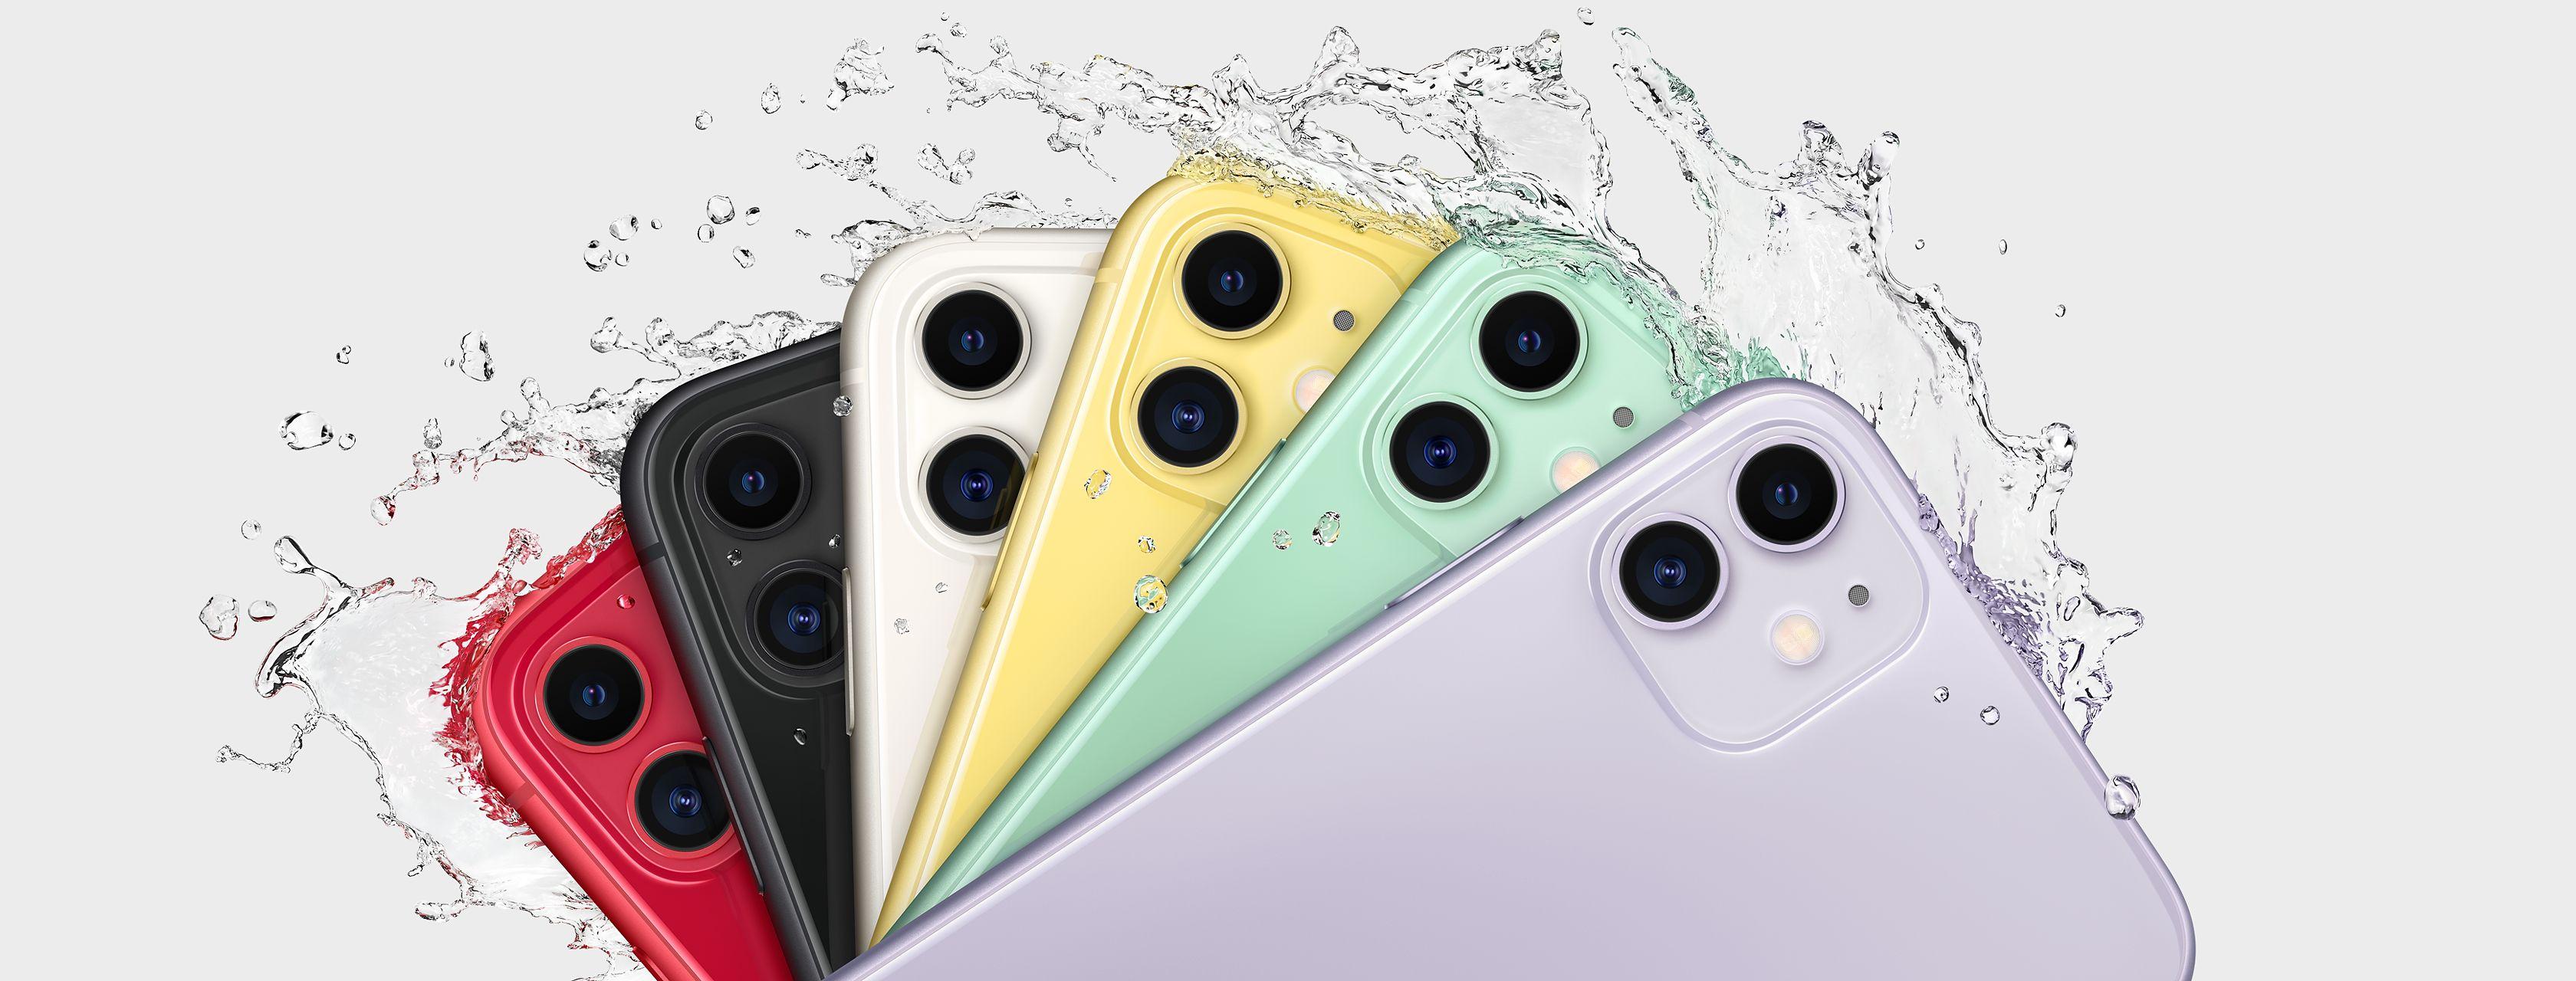 iPhone 11 colores y resistentes al agua y polvo